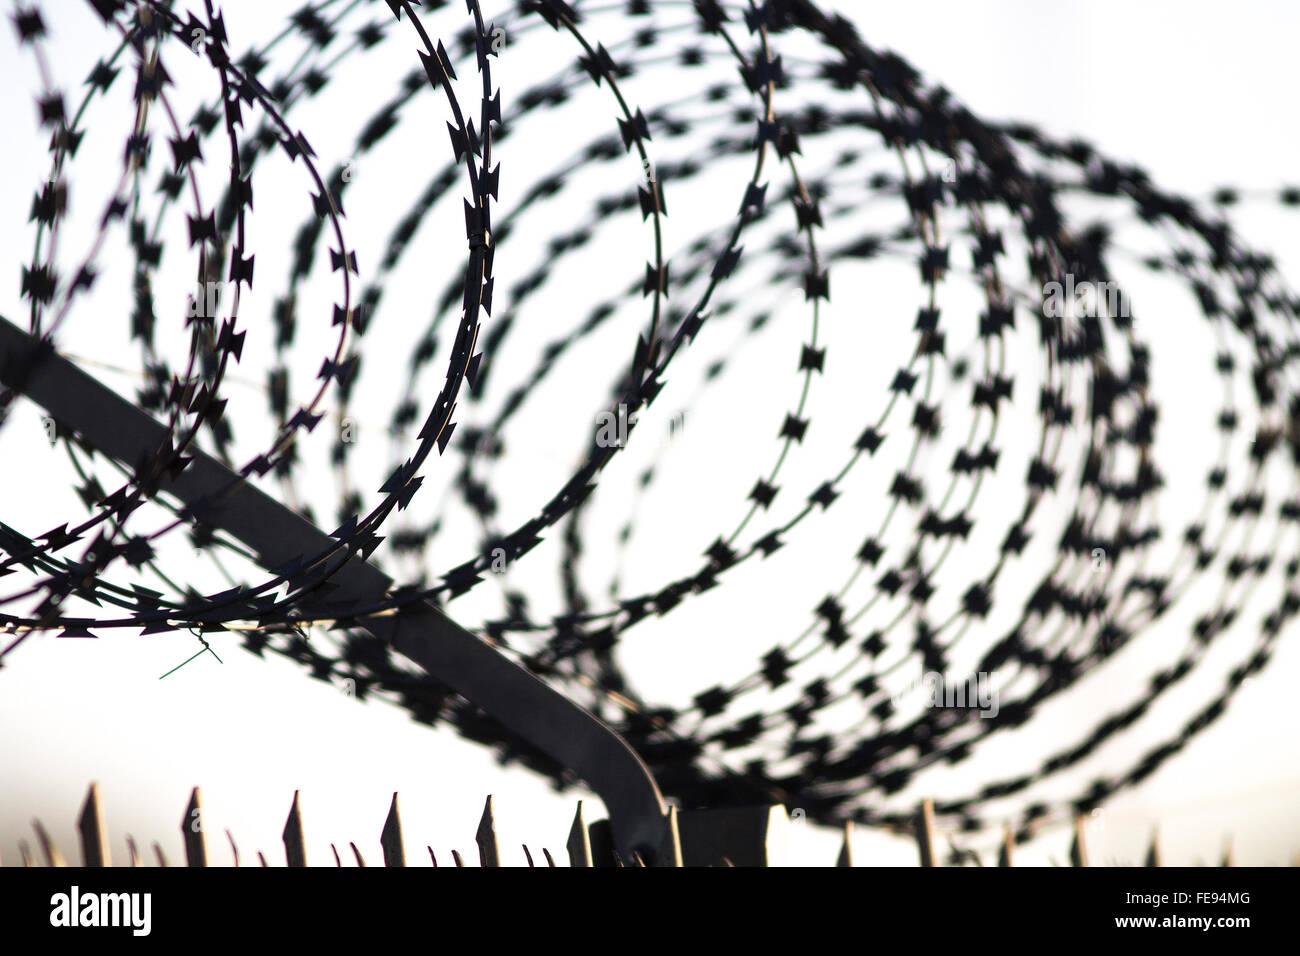 razor wire fence - Stock Image